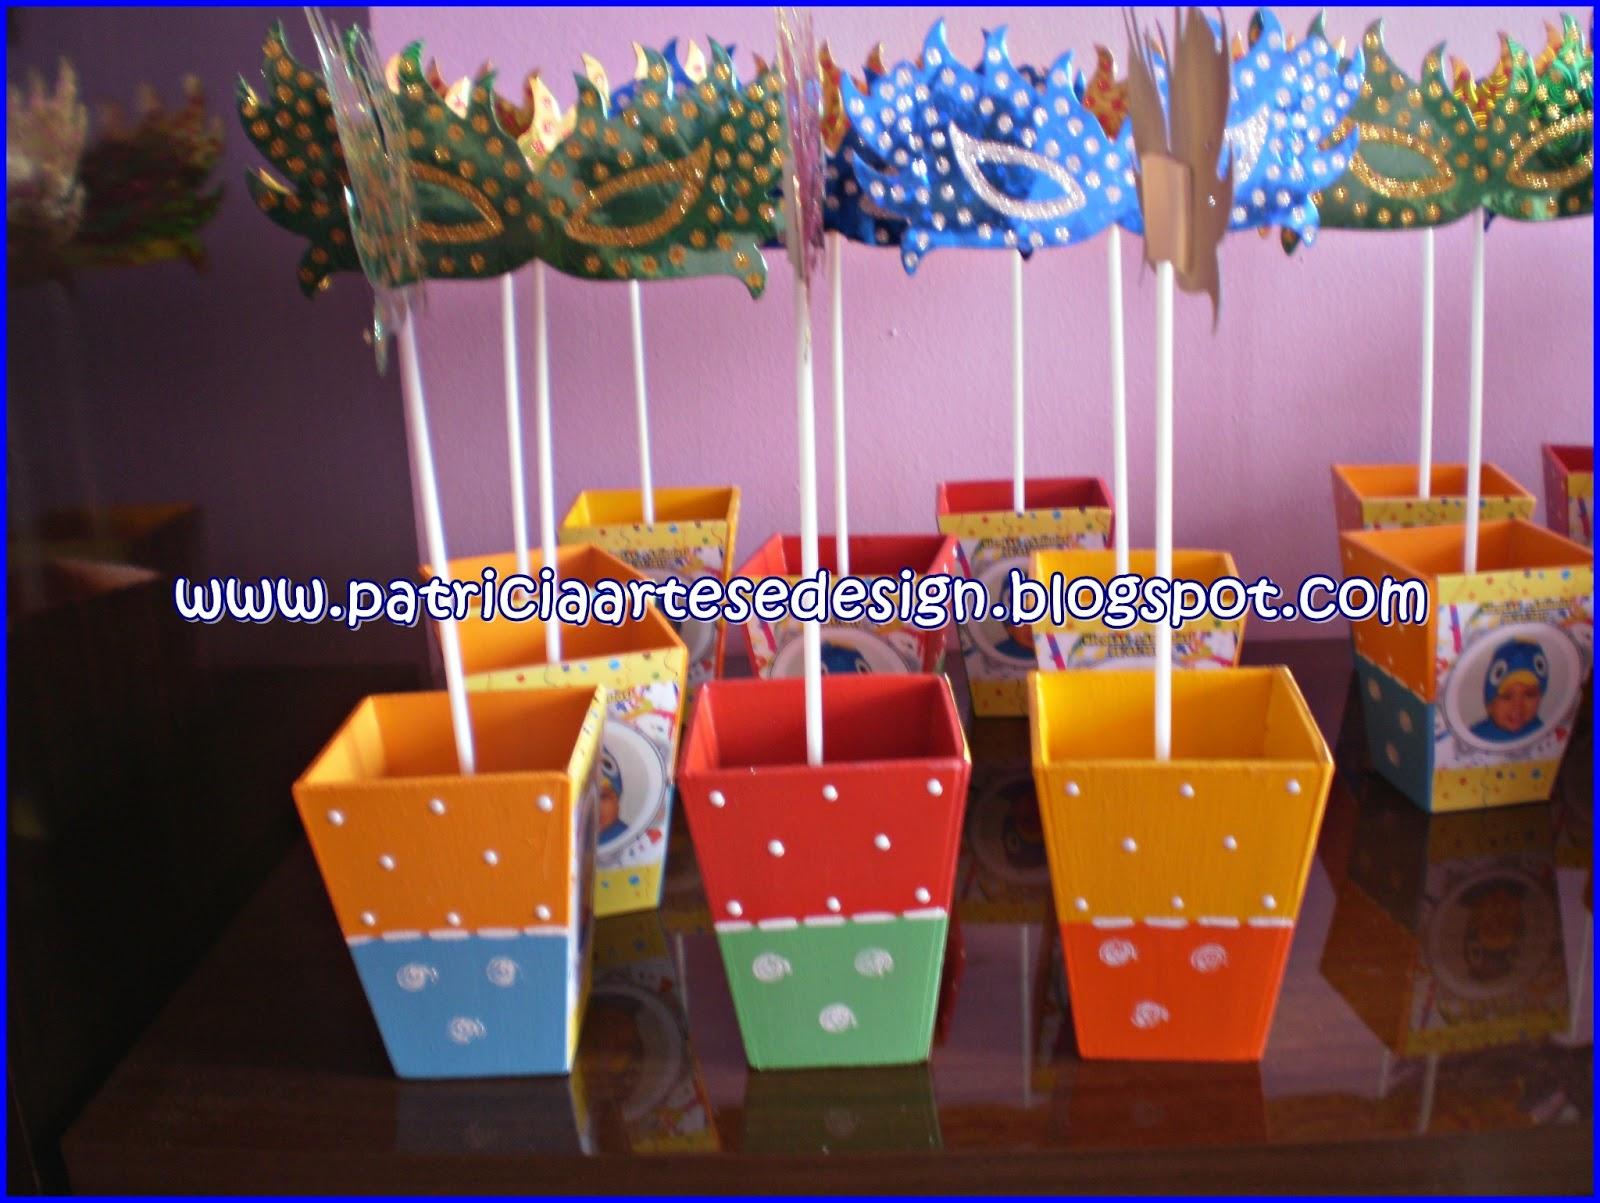 Patricia Artes E Design Lembrancinha Tema Carnaval